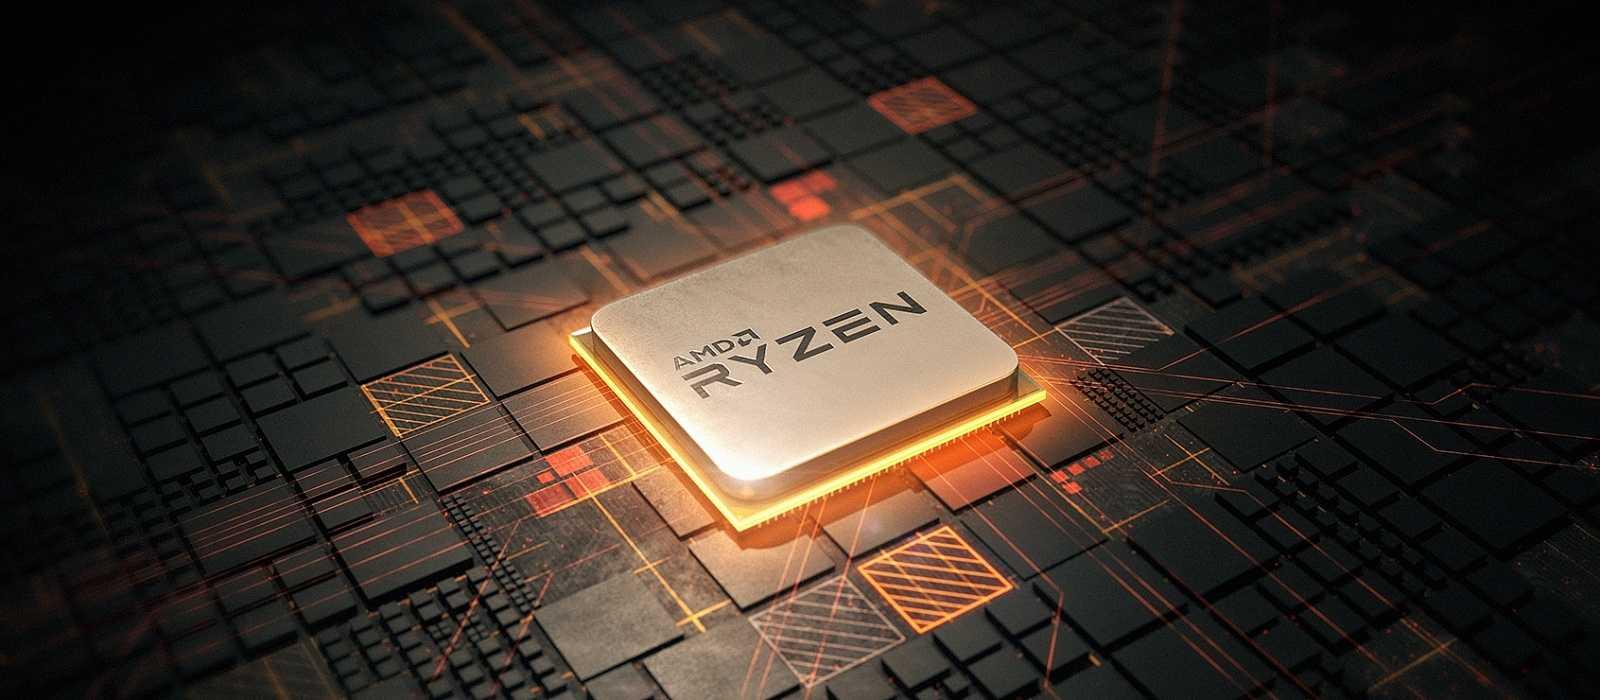 AMD stellte neue kostengünstige Prozessoren für Ryzen 3-Spieler vor